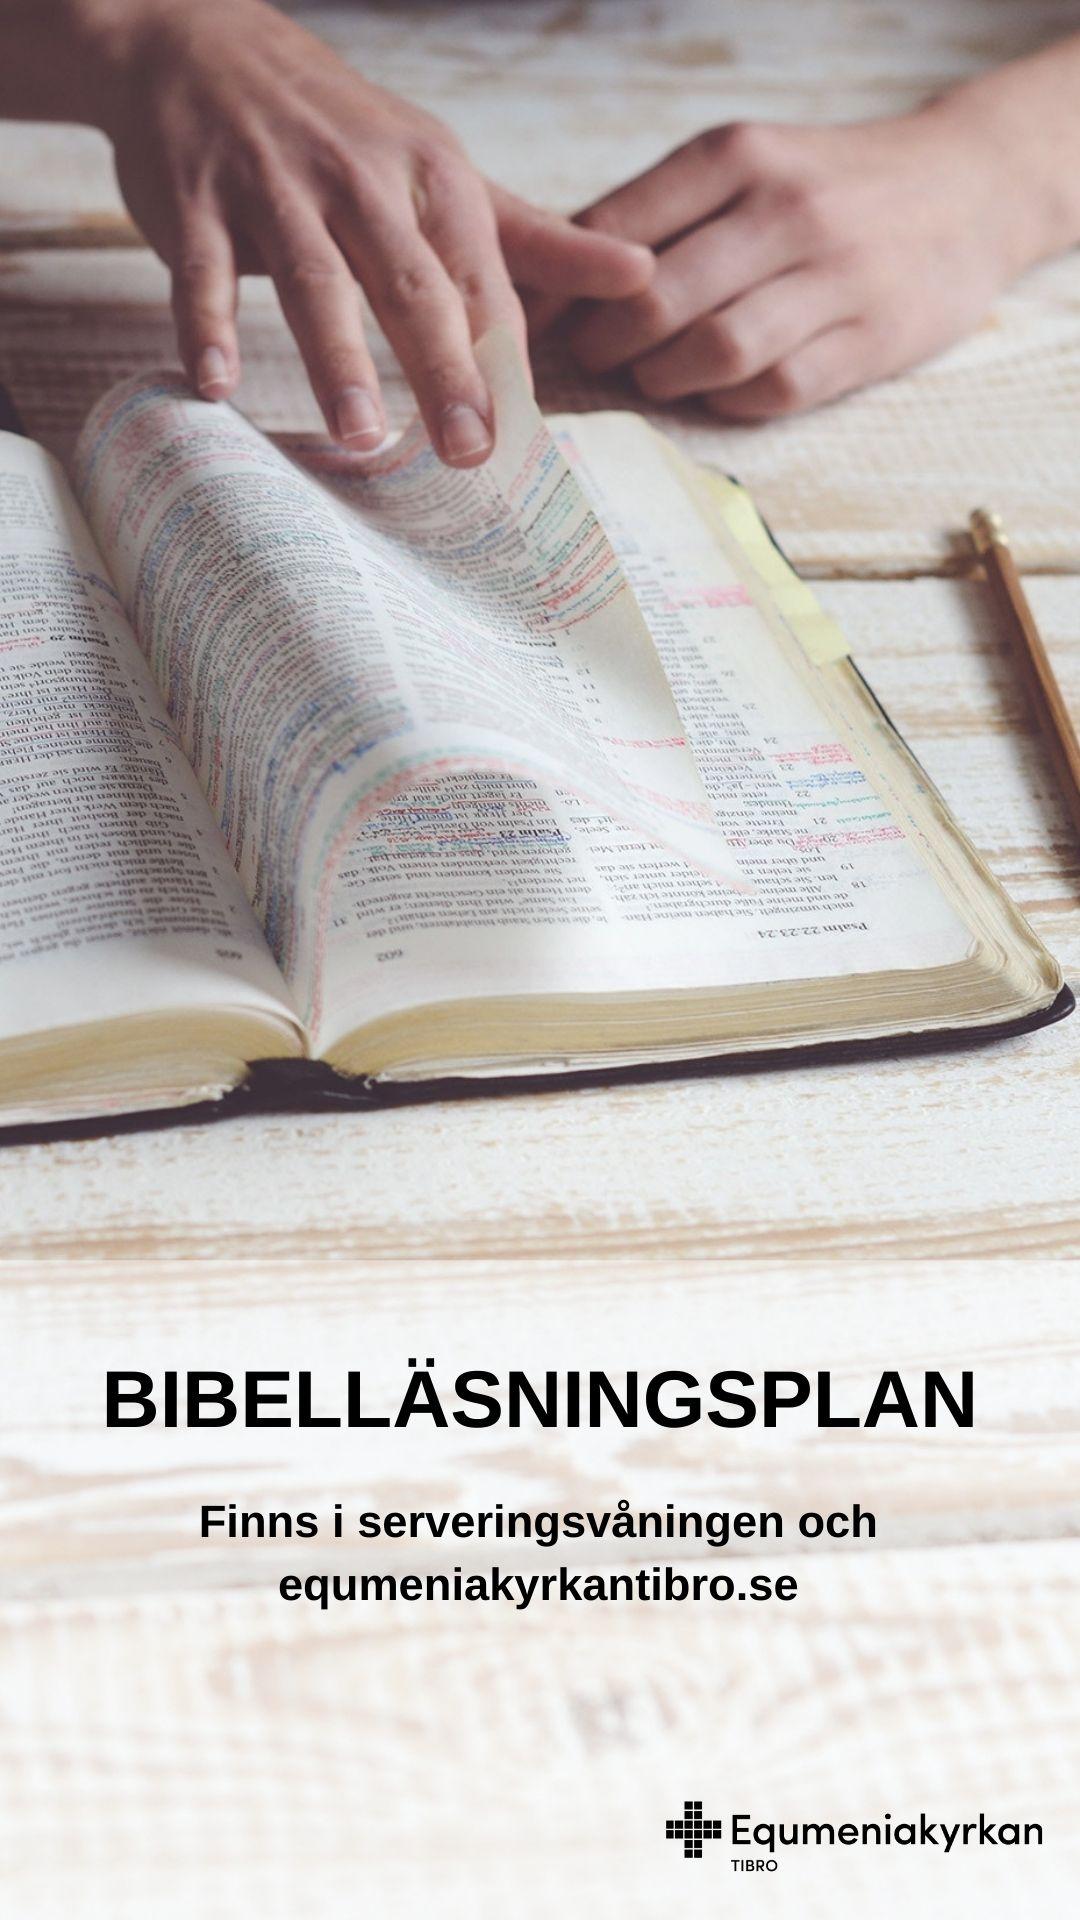 TV-slide - Bibelläsningsplan